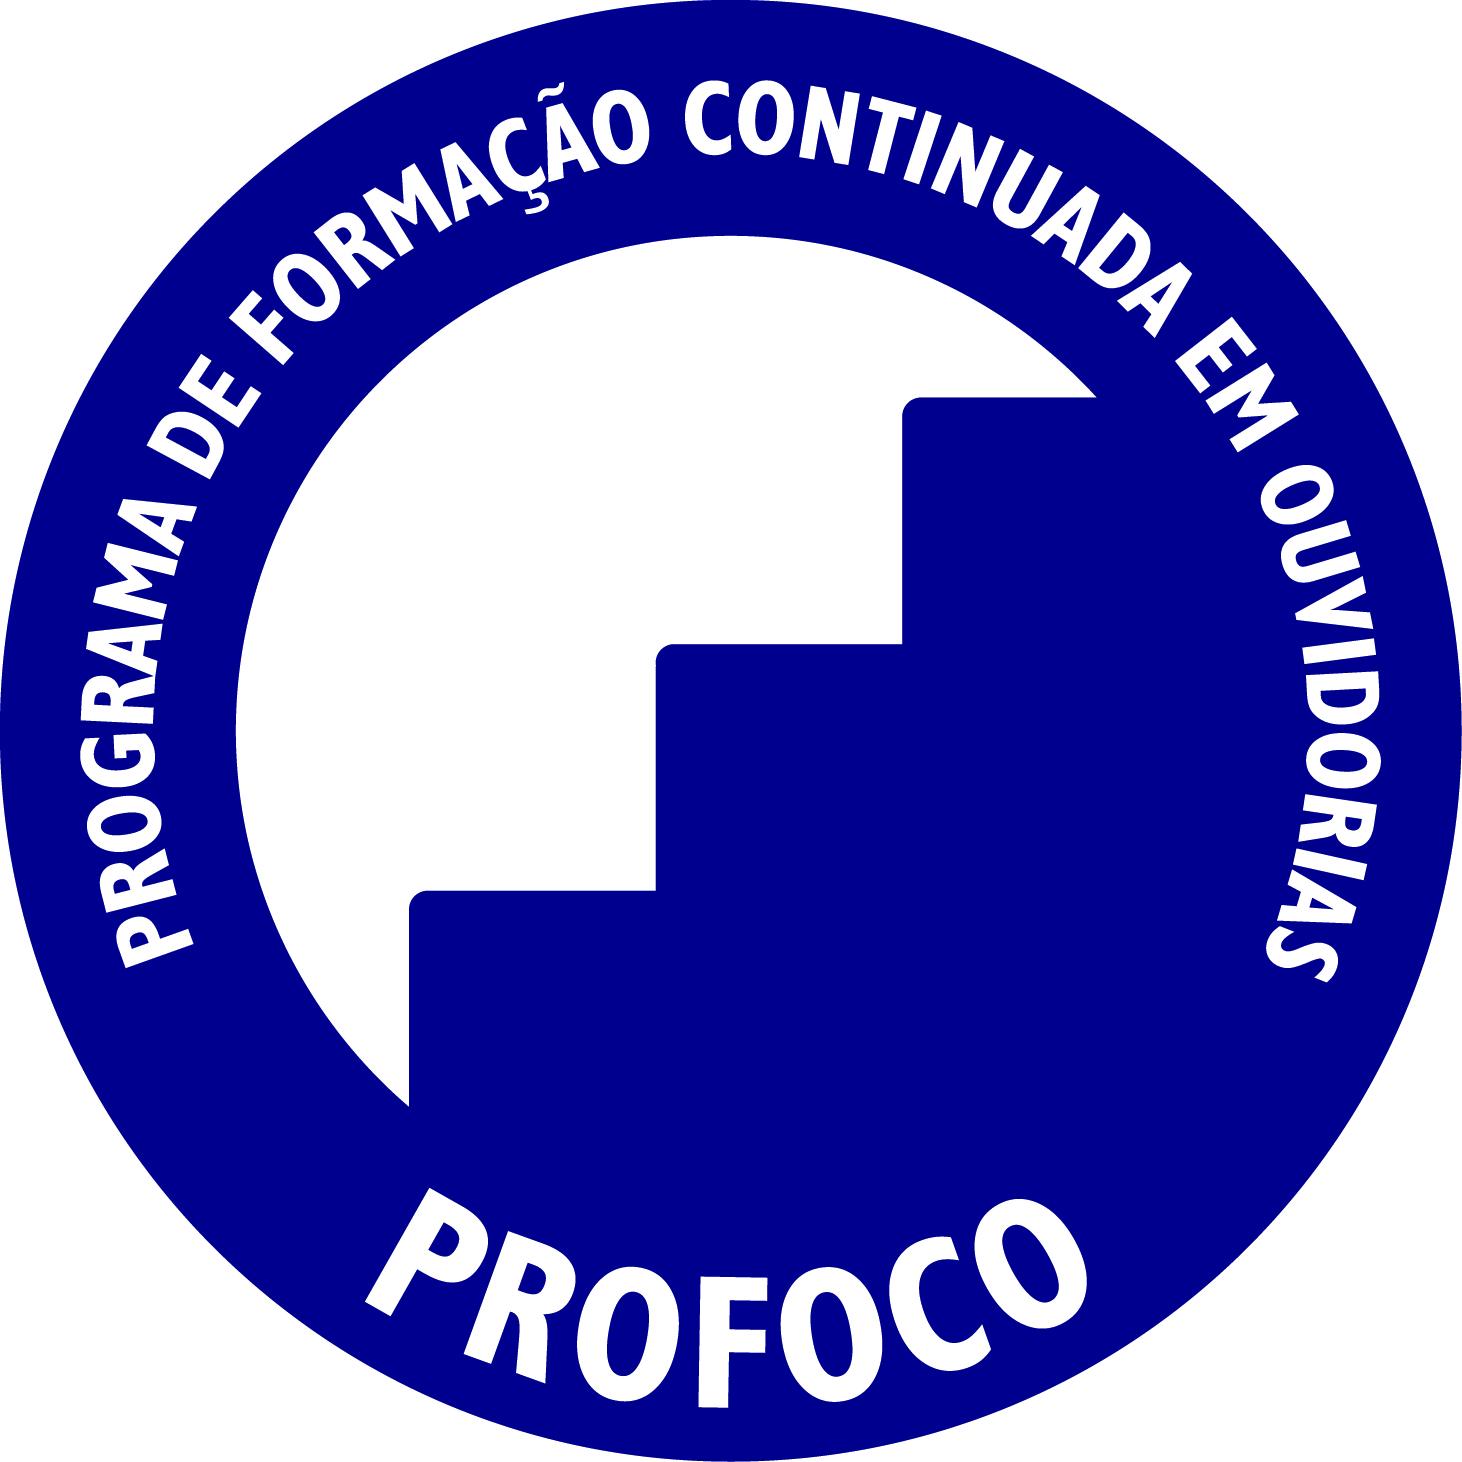 Curso Acesso à Informação, no período de 28 a 30 de agosto de 2018, na cidade de Belém/PA